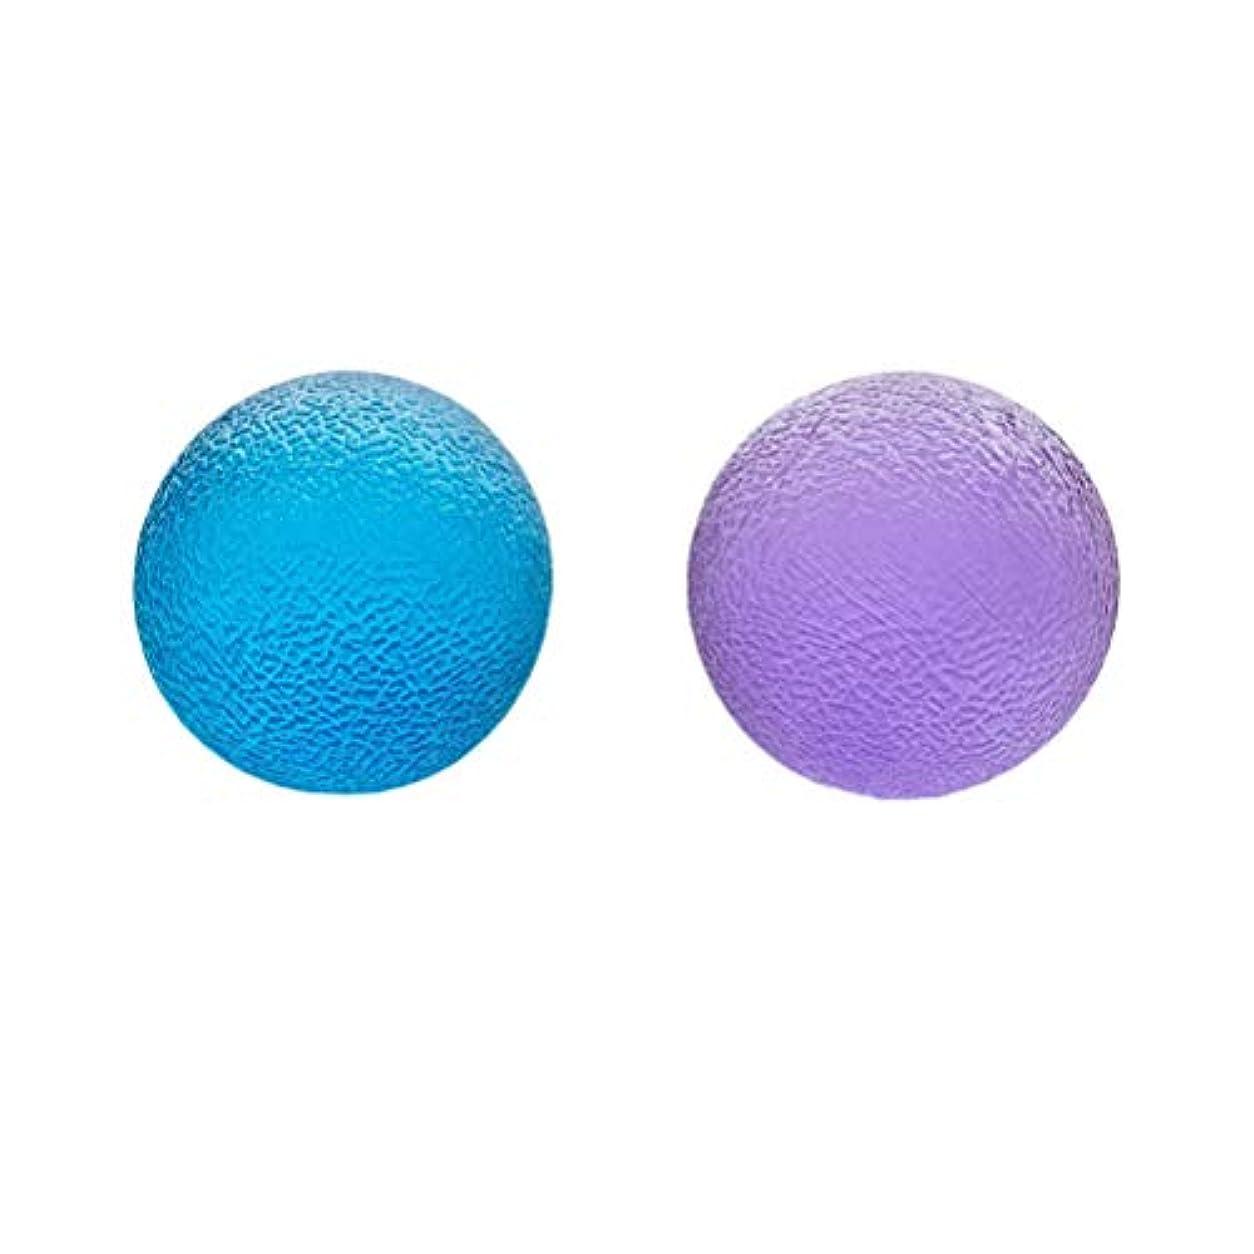 簿記係評論家放射性Healifty ハンドストレスボールセラピーボールストレス解消のためにハンドグリップボールを絞る関節炎の痛みを軽減するセラピー強化治療2個(青と紫)